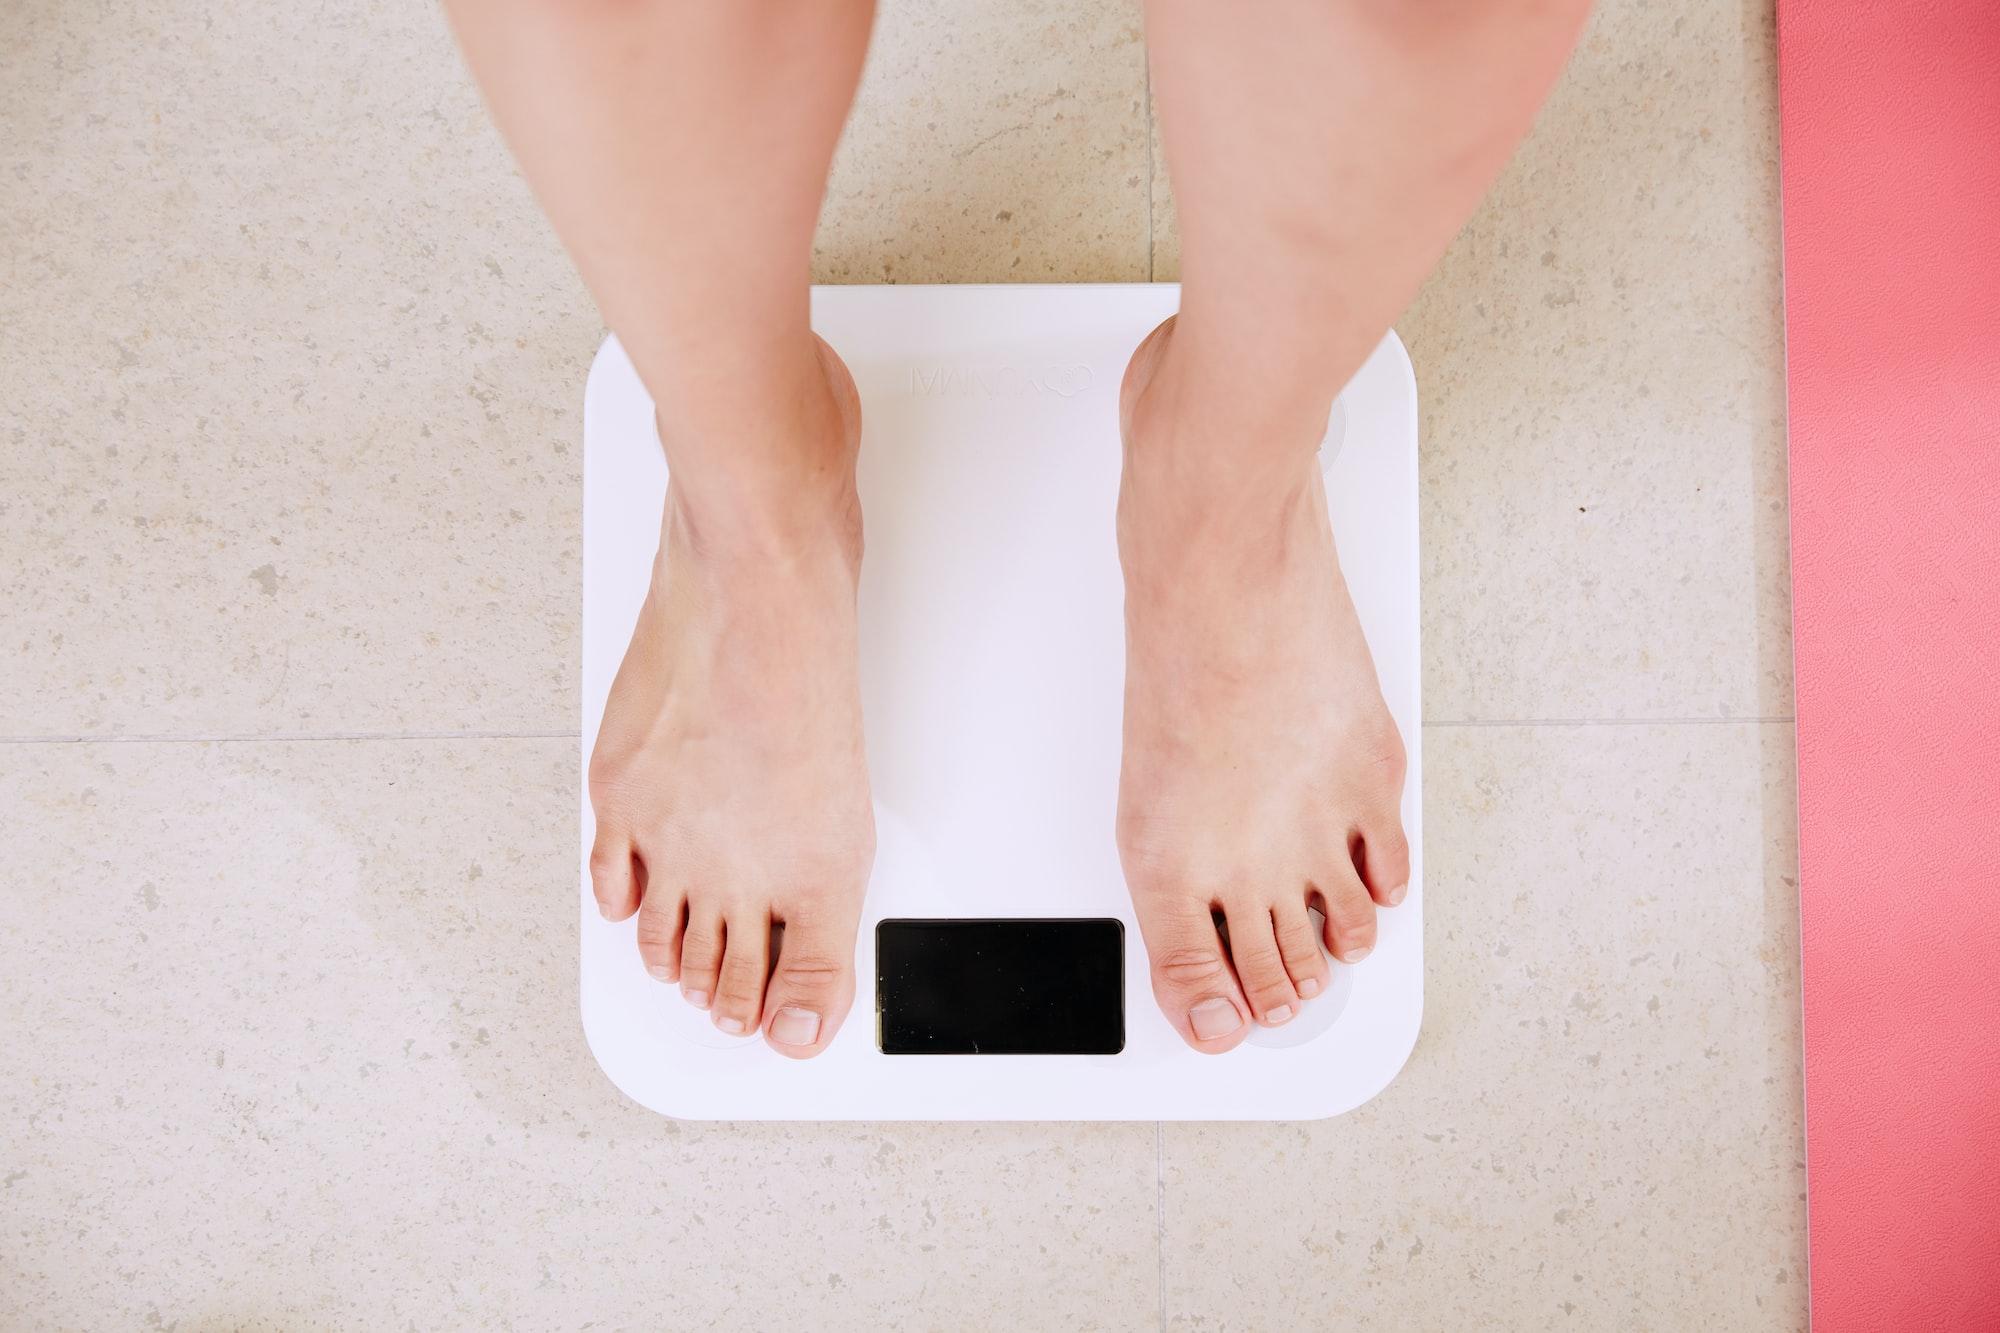 înveliș pentru pierderea în greutate norwich